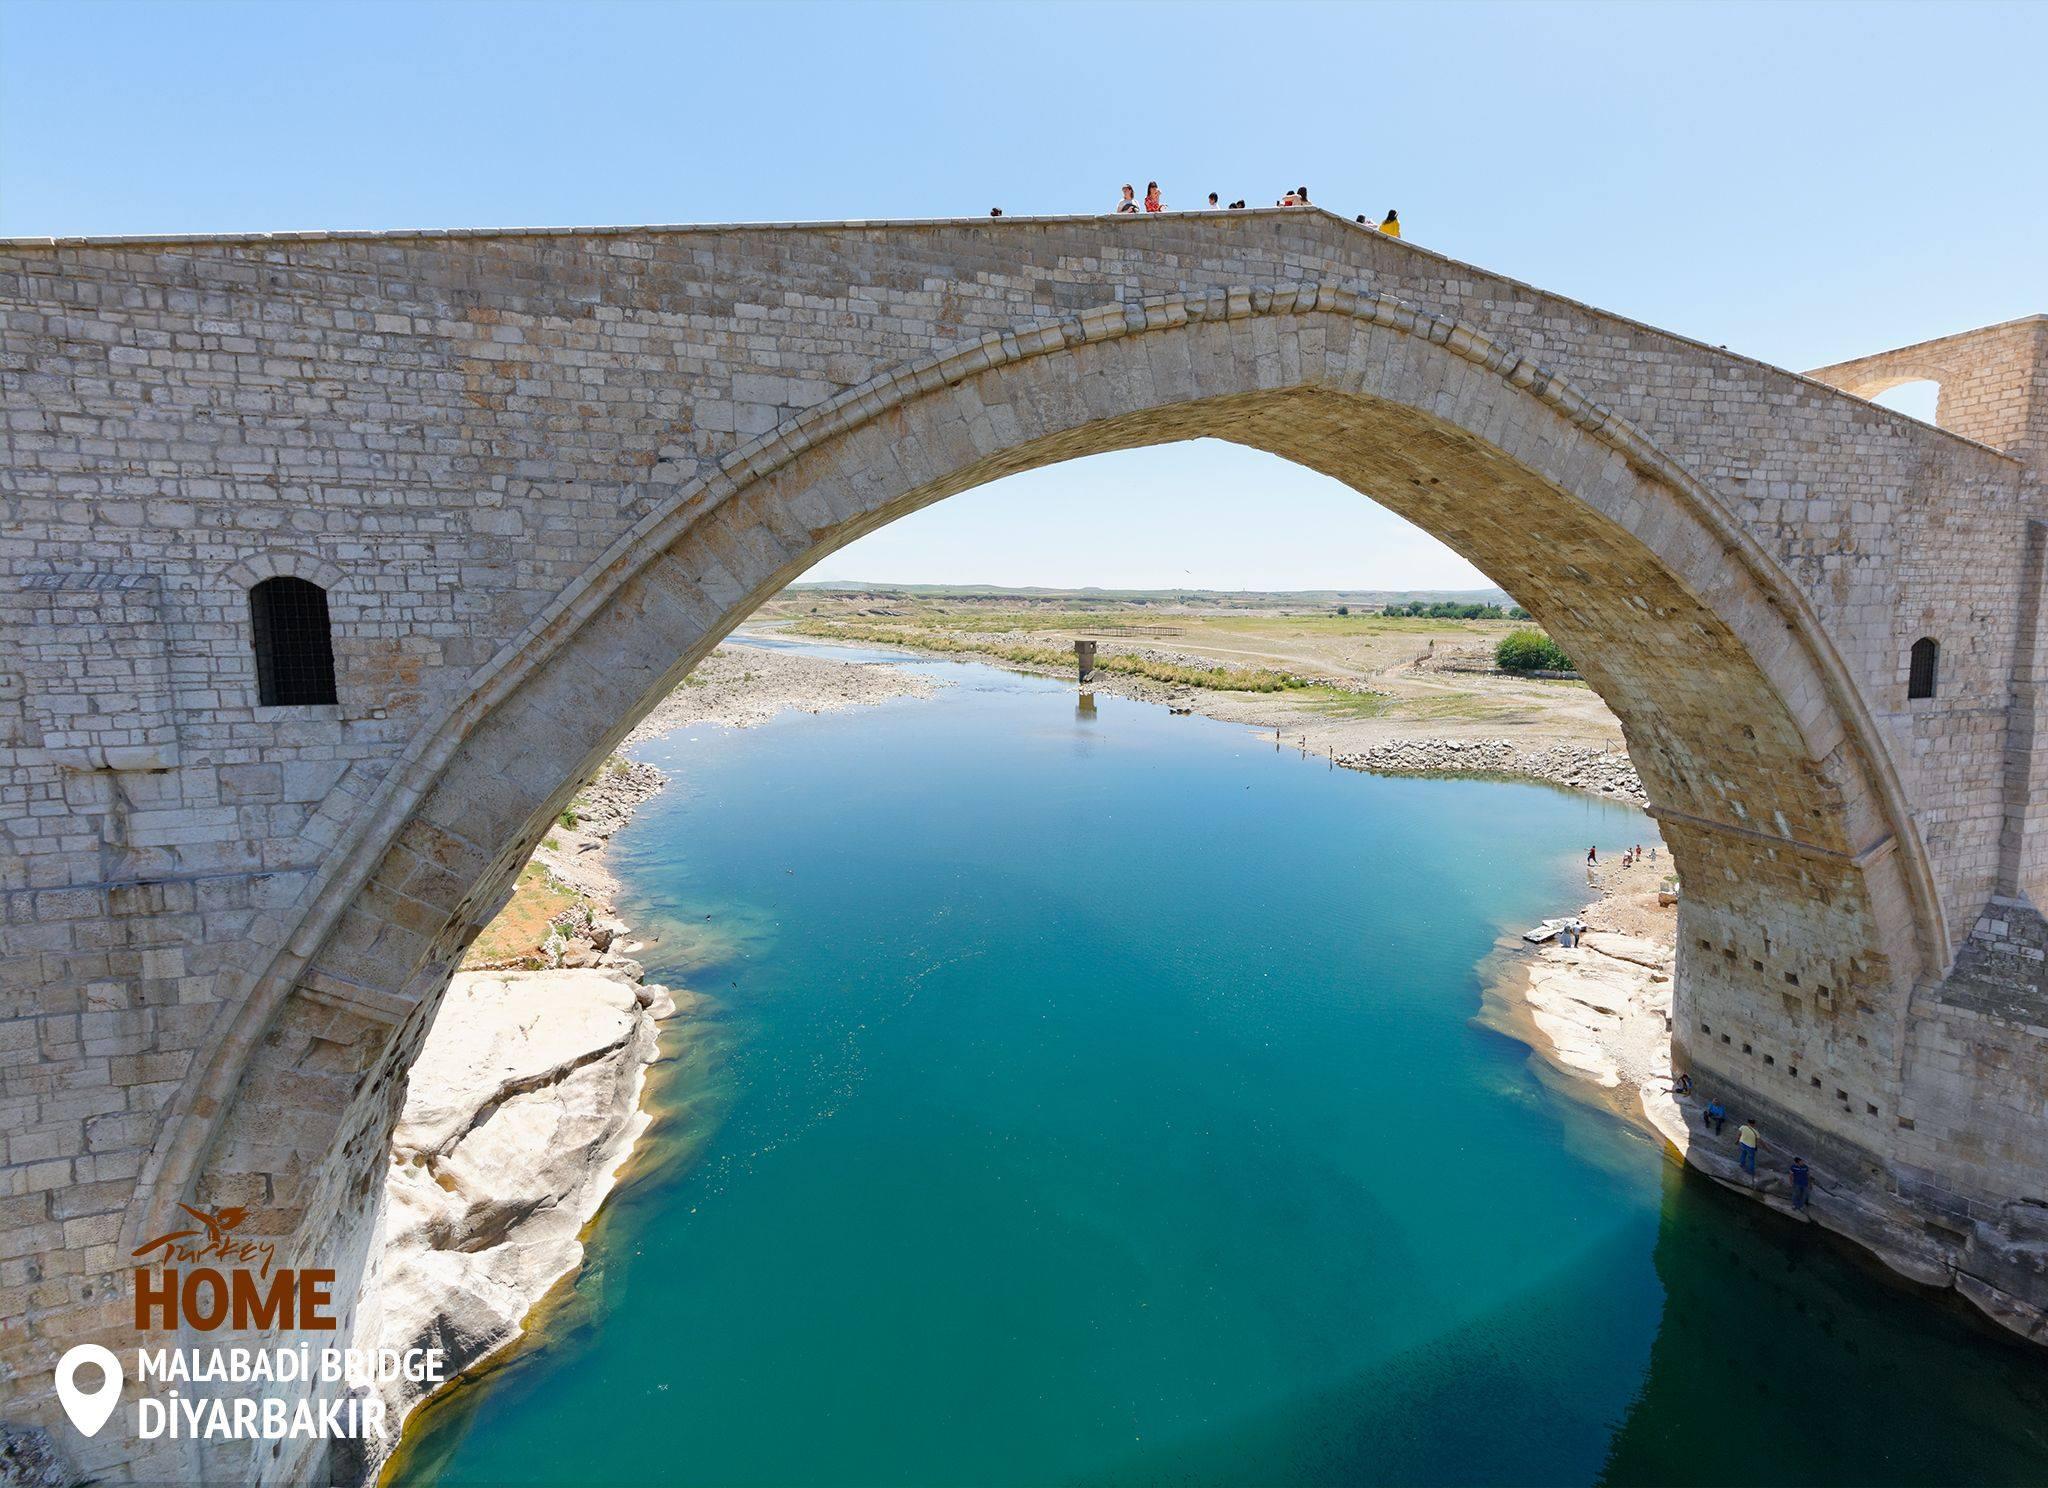 Malabadi Bridge, Diyarbakır